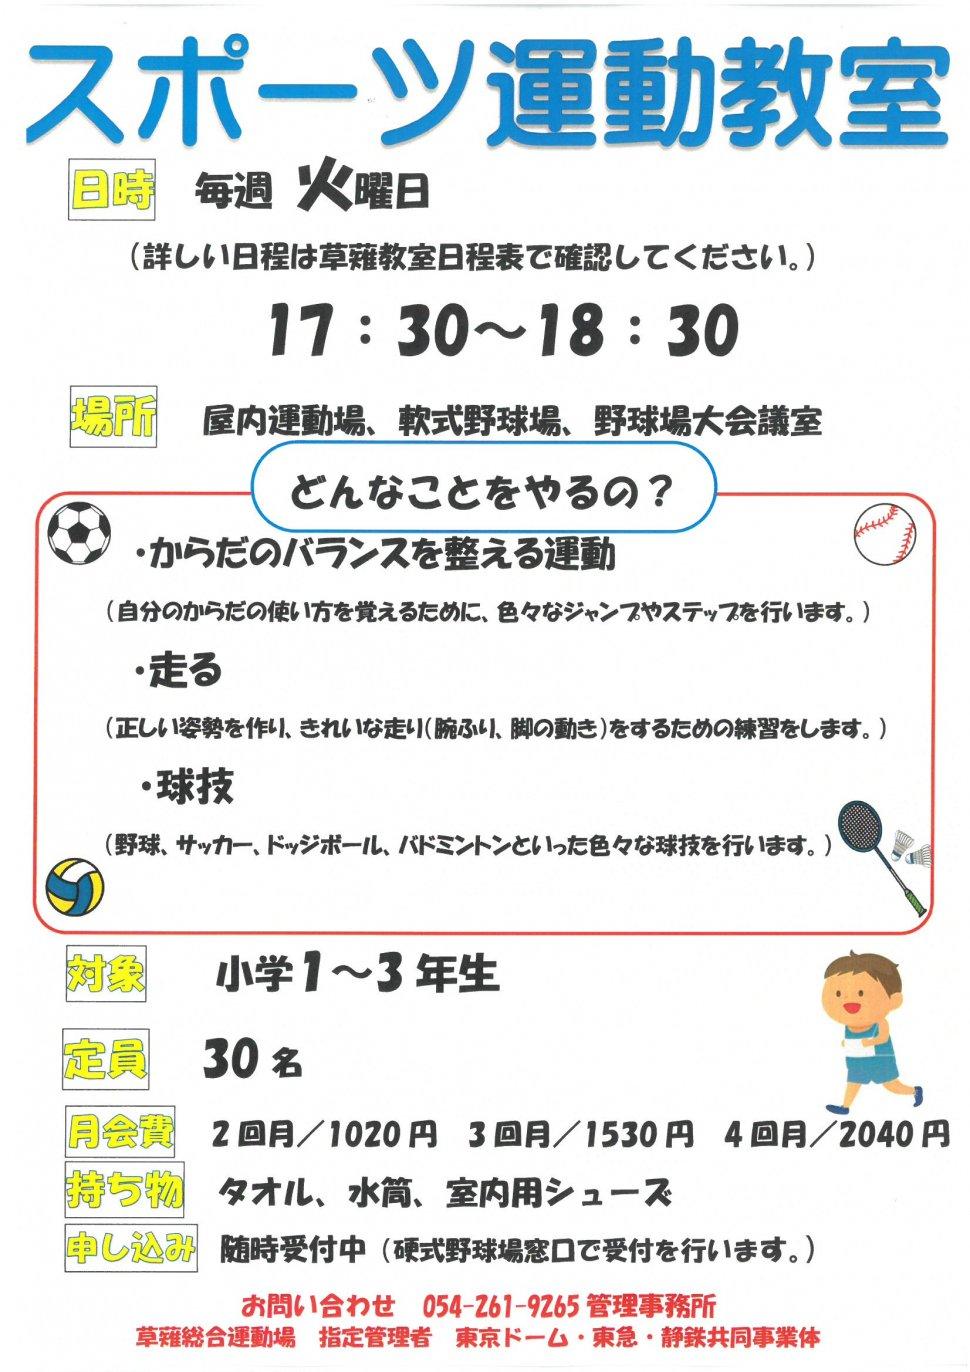 2020.04スポーツ運動